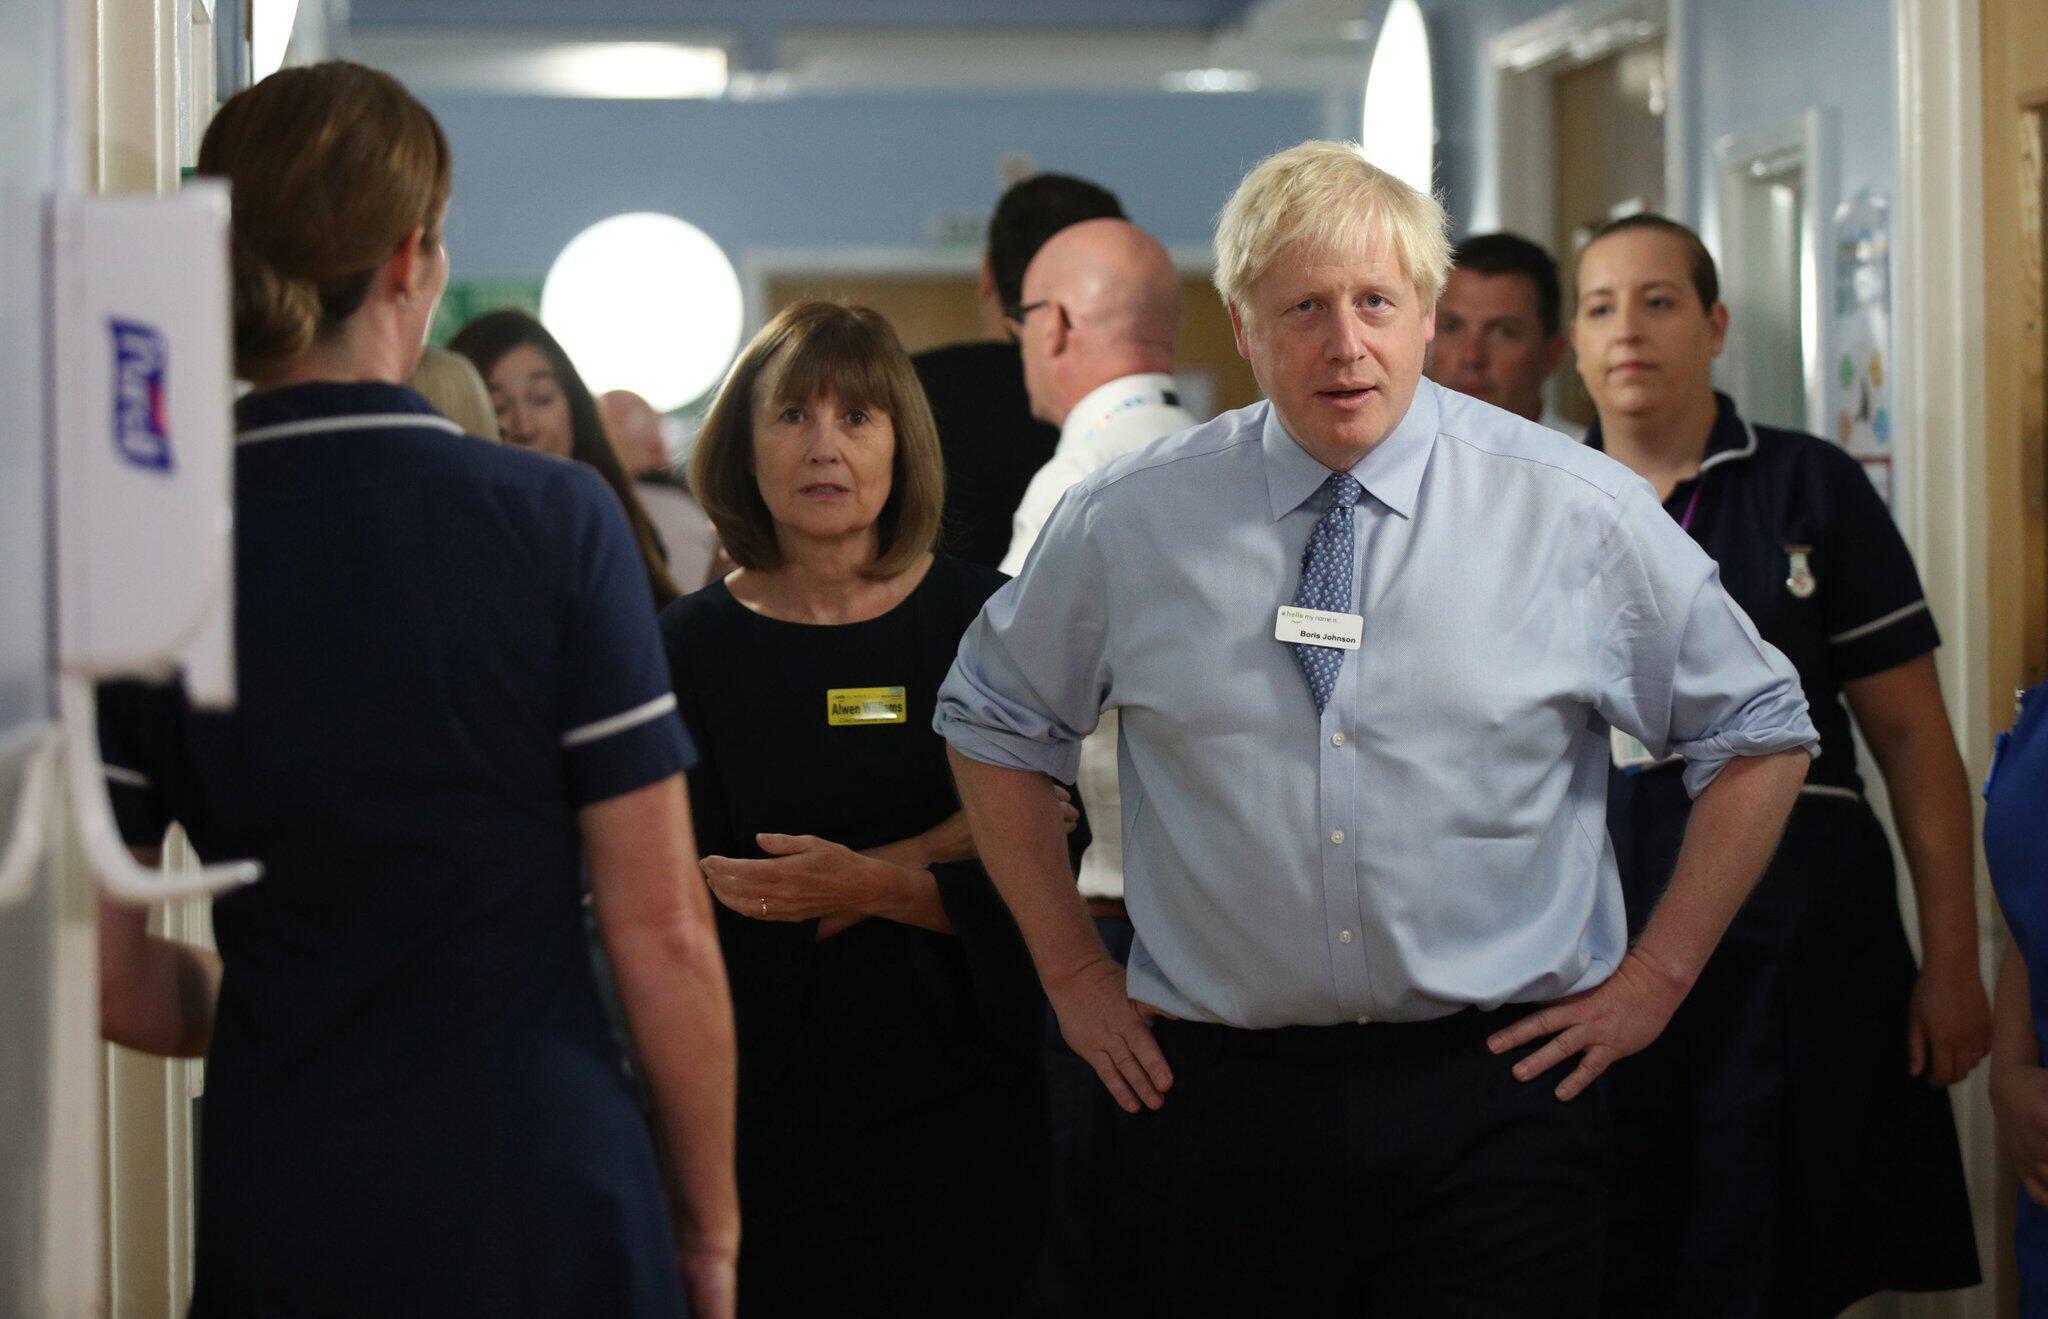 Bild zu Premierminister Johnson besucht Krankenhaus